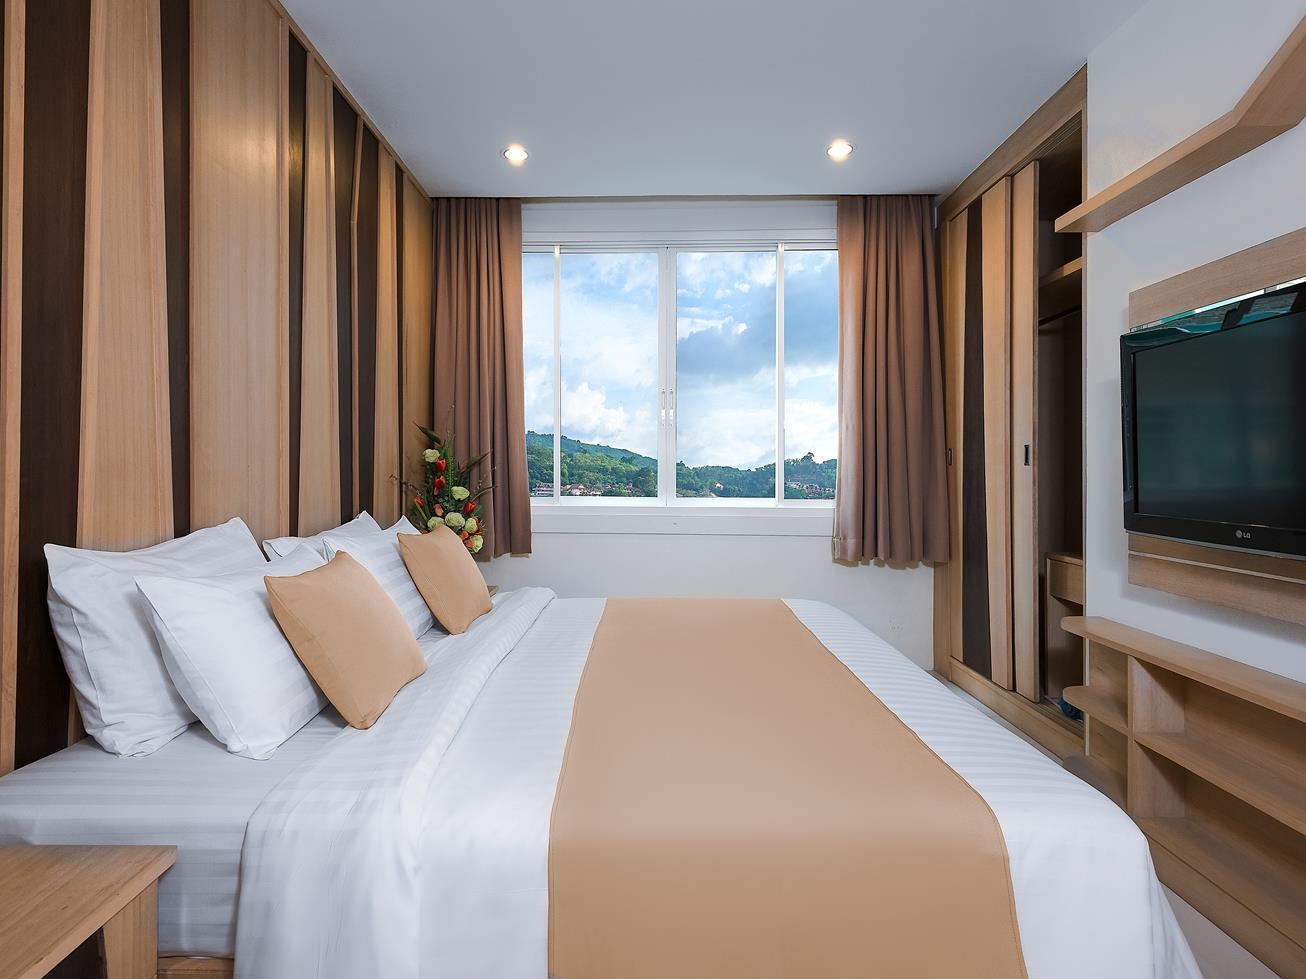 Hotell The Allano Phuket Hotel i Patong, Phuket. Klicka för att läsa mer och skicka bokningsförfrågan